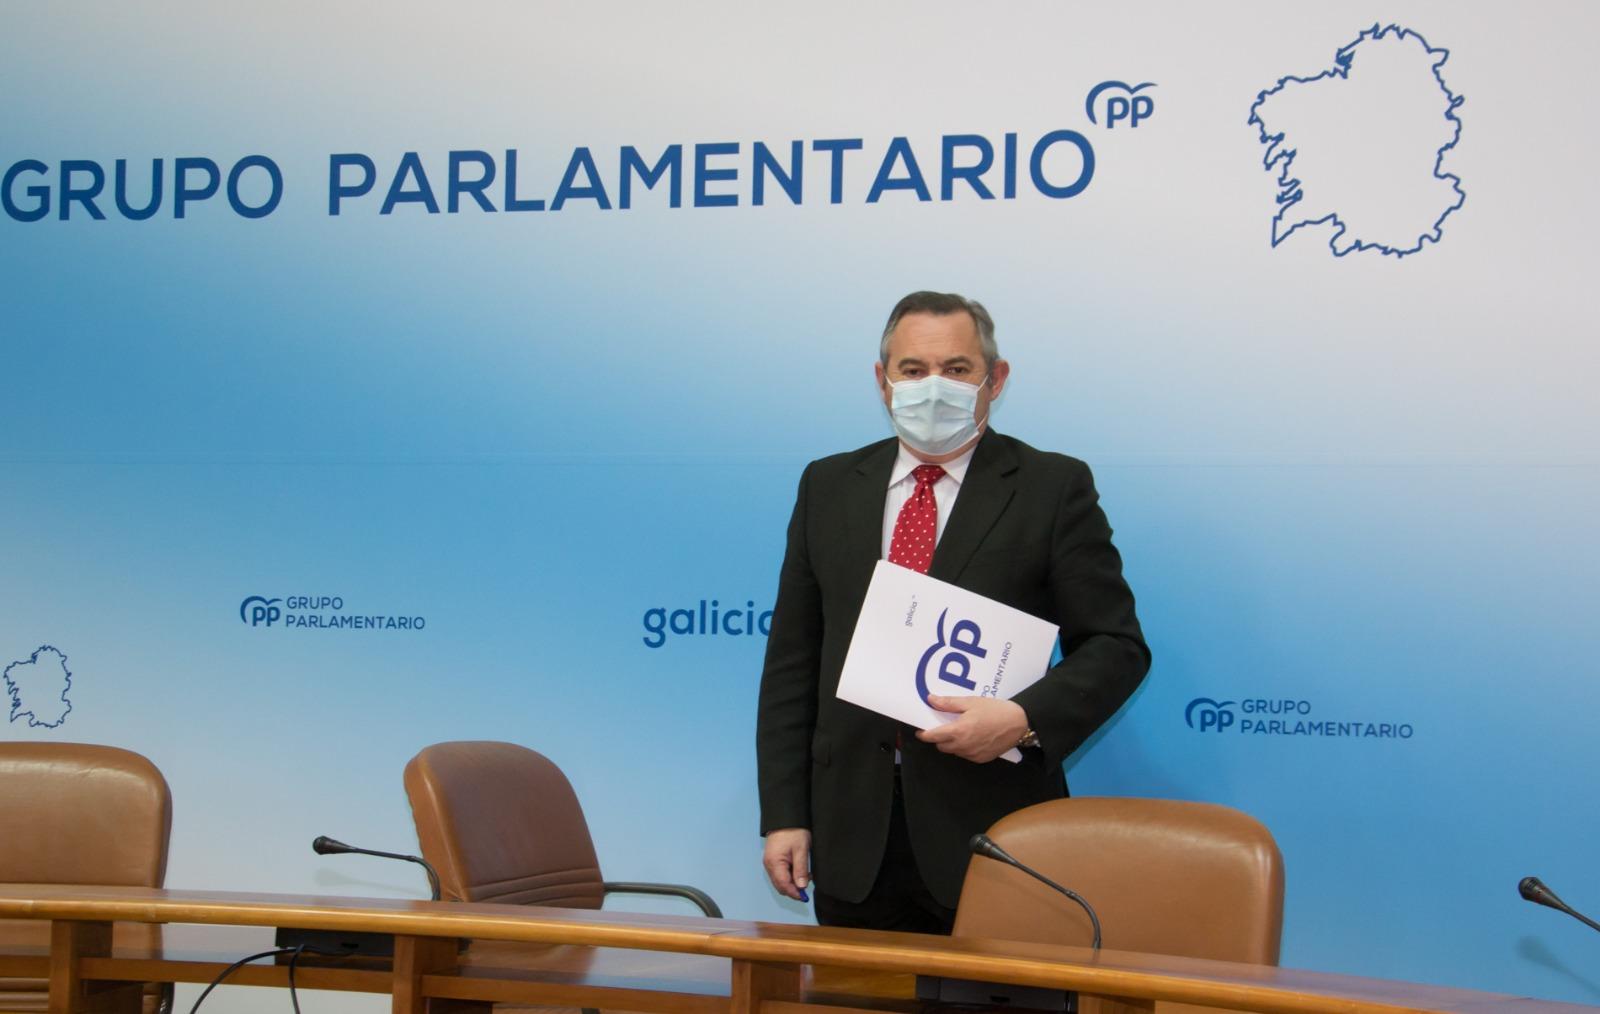 Balseiro interésase no Parlamento de Galicia polas medidas da Xunta para favorecer a empregabilidade na mocidade